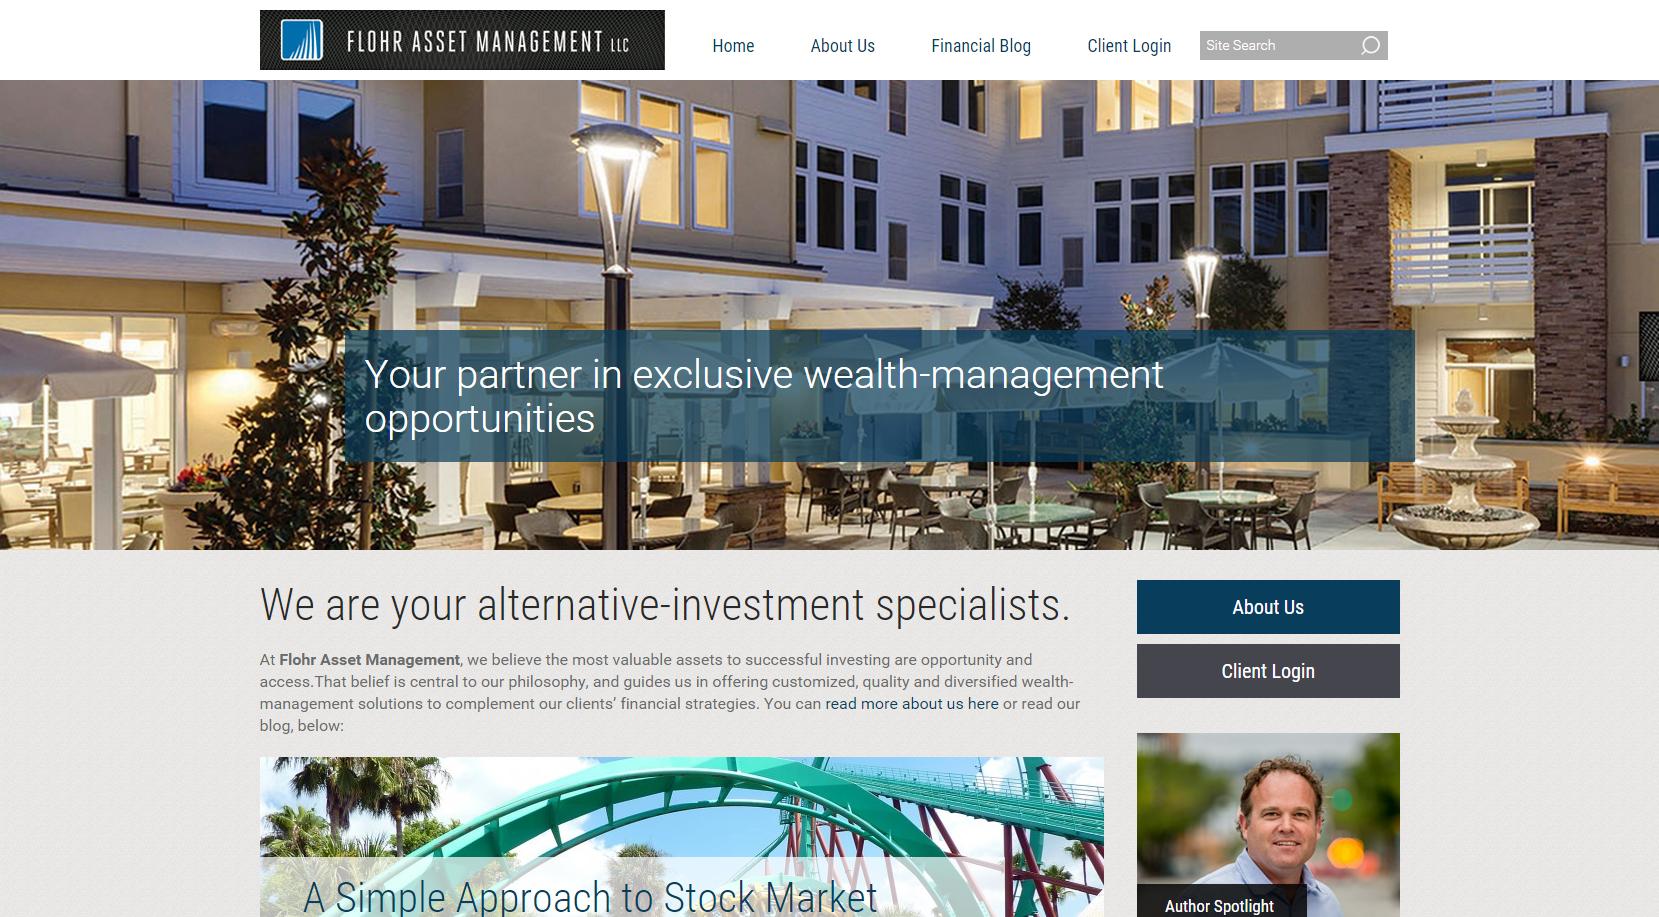 FireShot Screen Capture #026 - 'Flohr Asset Management Blog I Flohr Asset Management, LLC' - www_flohrasset_com - Copy